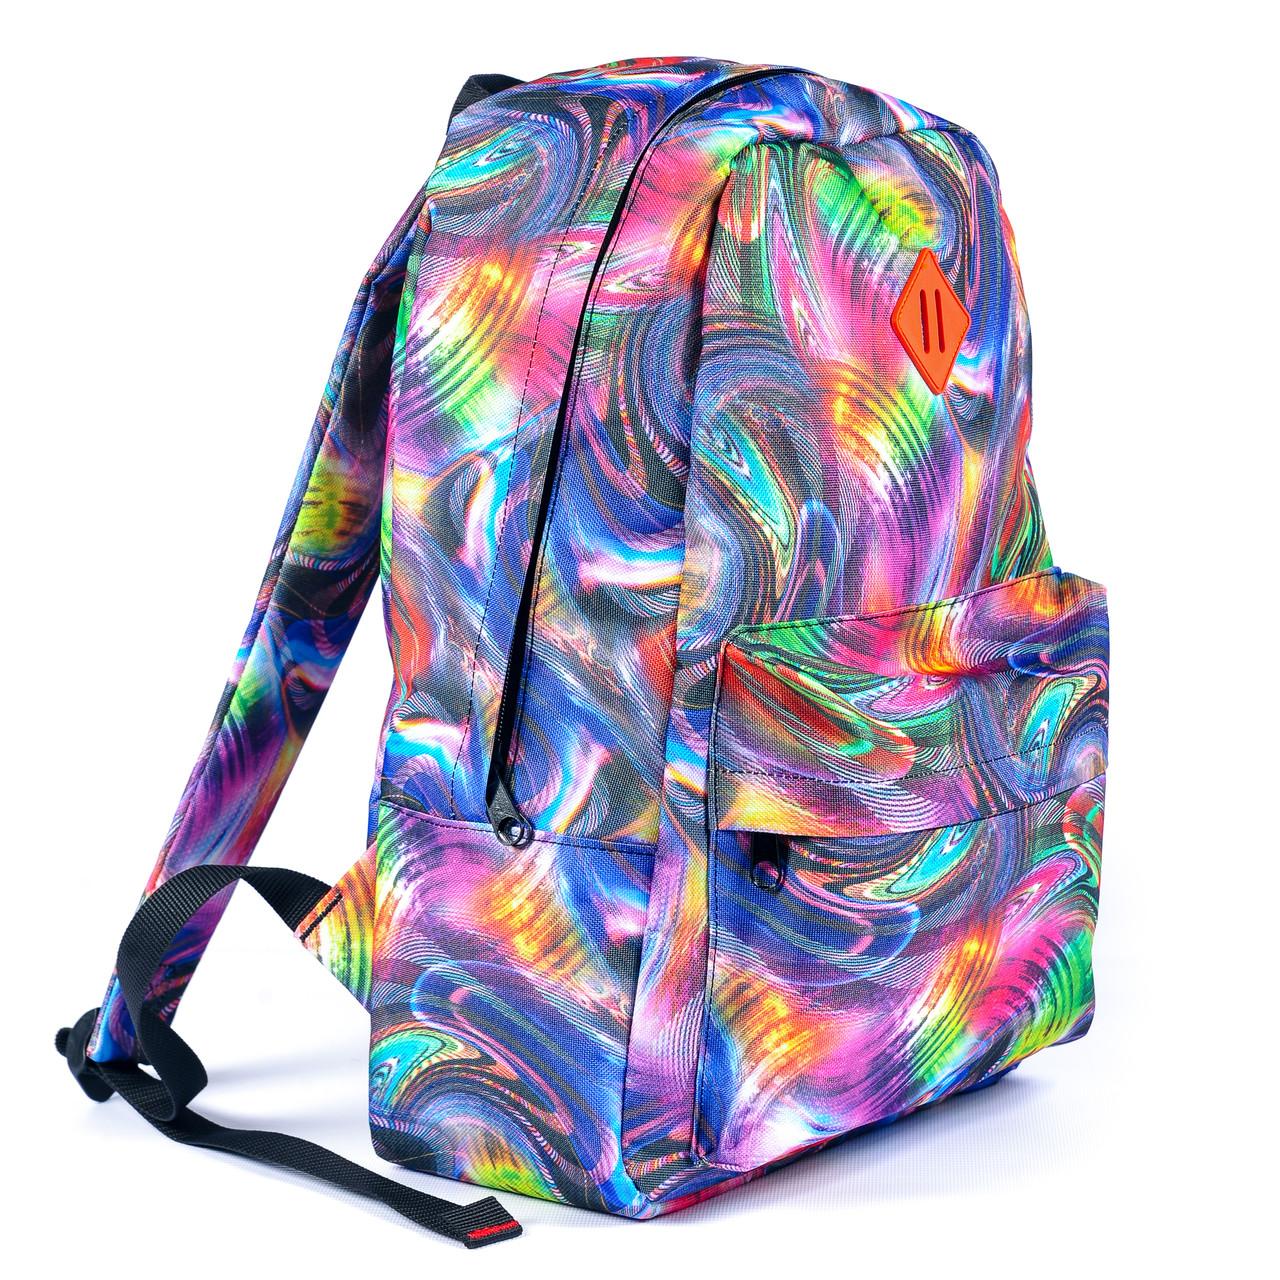 Рюкзак Mayers молодежный с принтом Разноцветные разводы, 14 л, фото 2